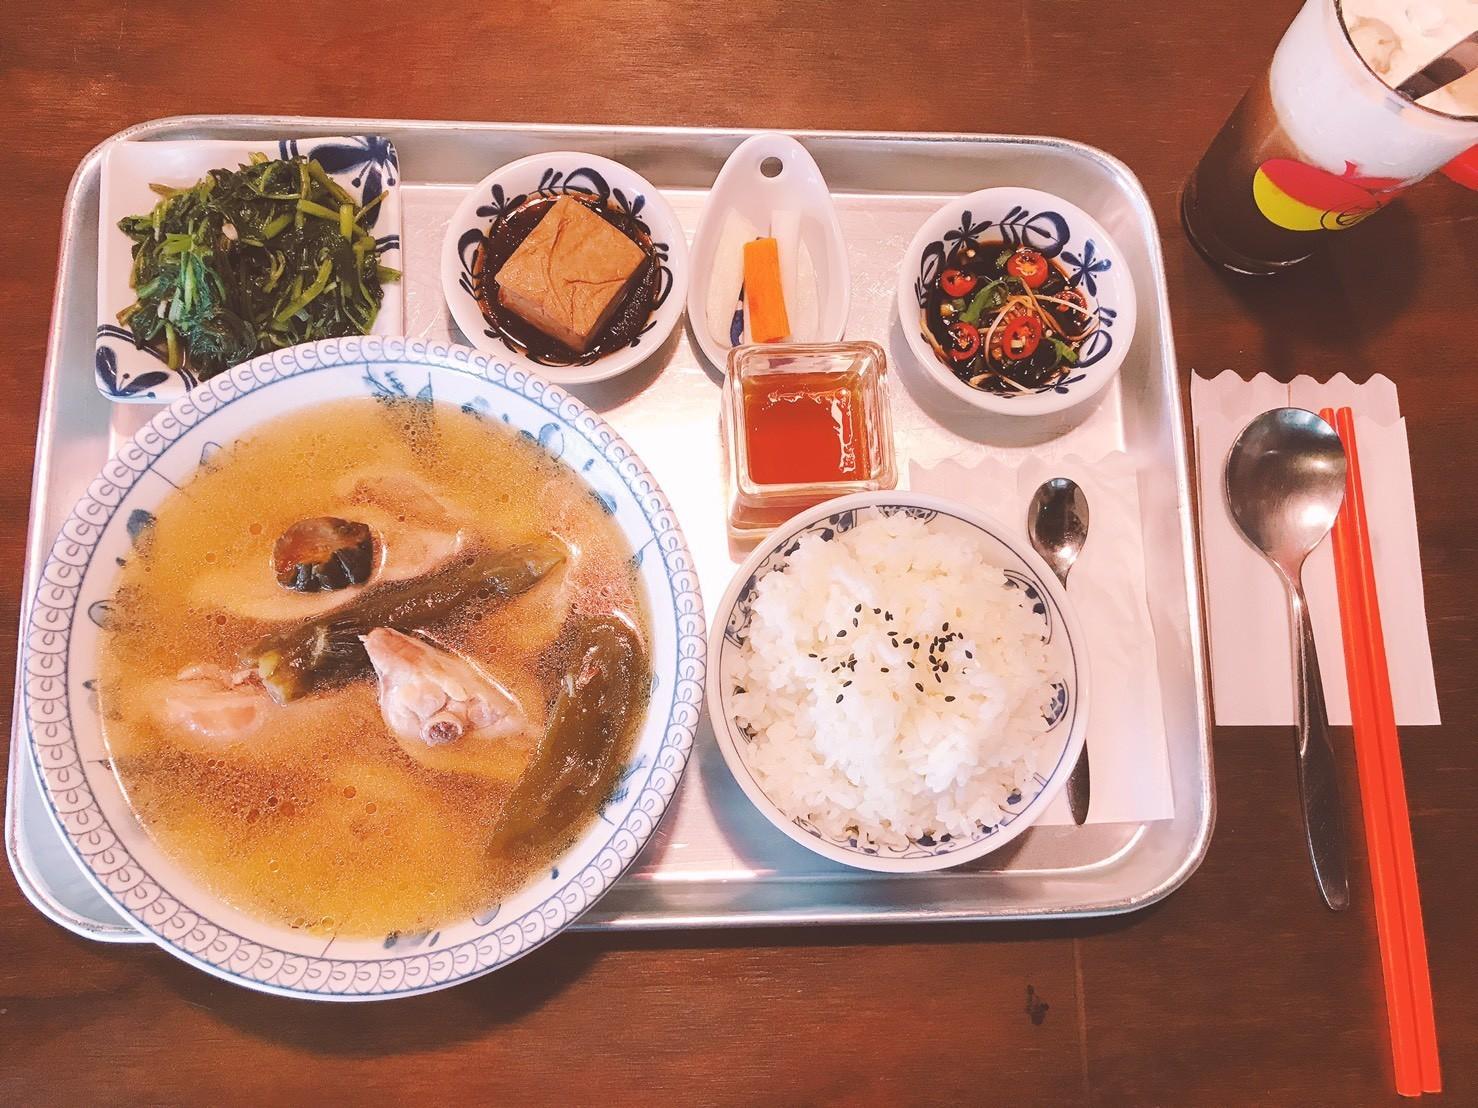 05嘉義東區復古風台式簡餐-弄來小餐桌-剝皮辣椒雞湯|小福砌餐飲空間設計